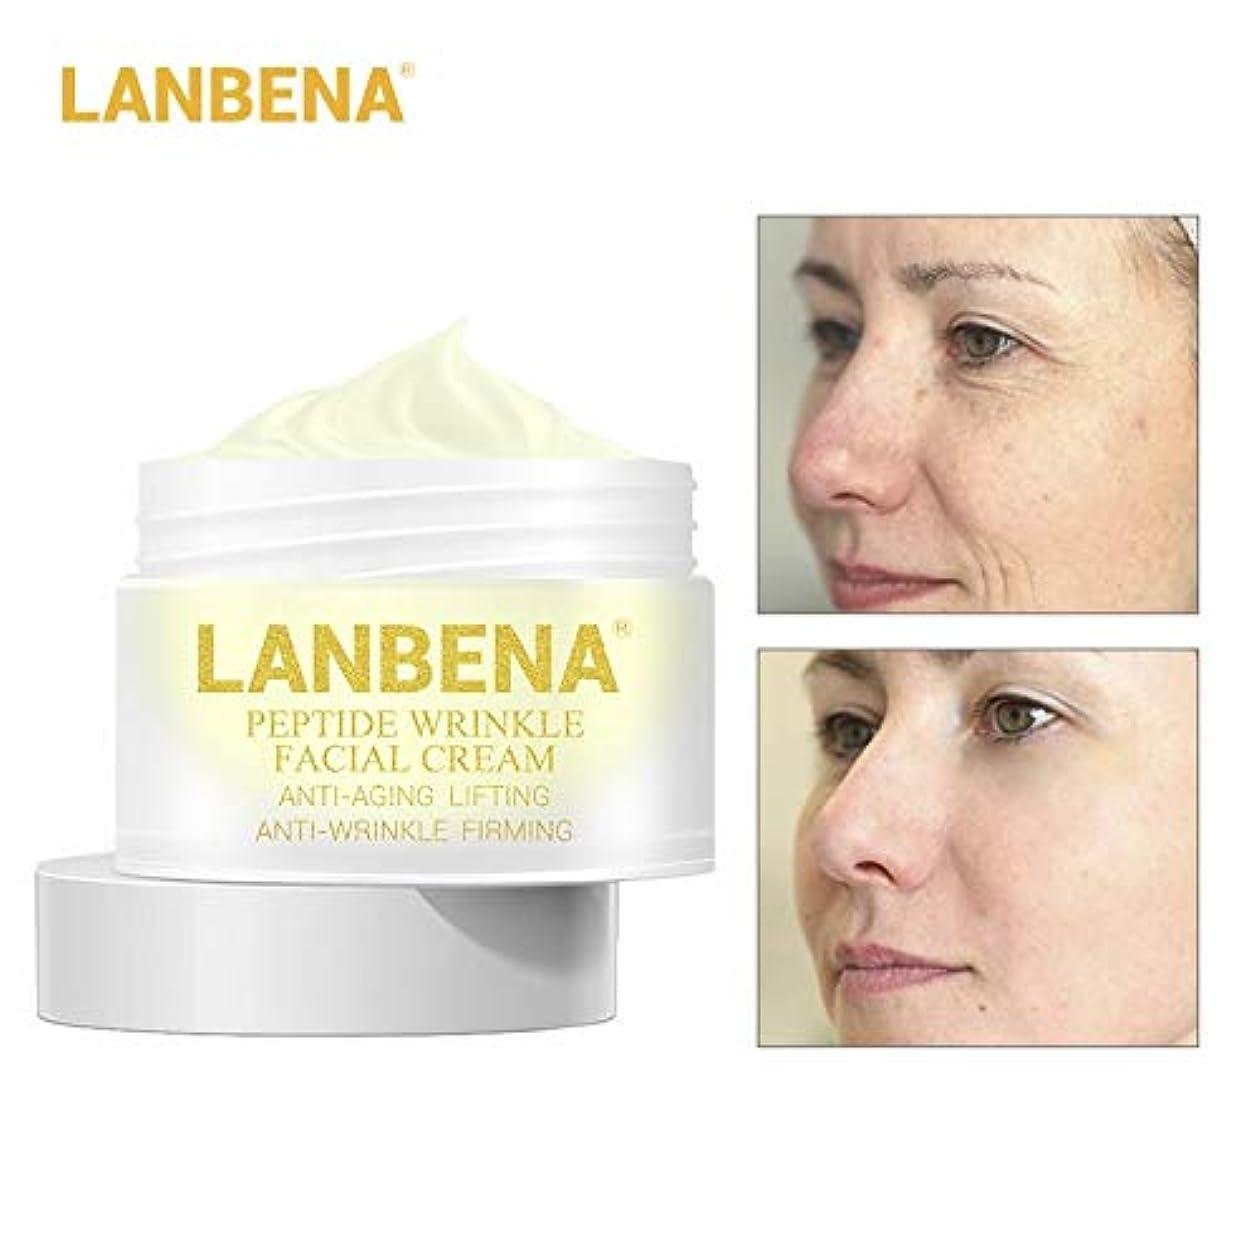 フルートベリーまともなフェイスクリームケア鼻唇溝ディープ水分補給フェイシャルクリームを-firming LANBENAブランドペプチドアンチしわ